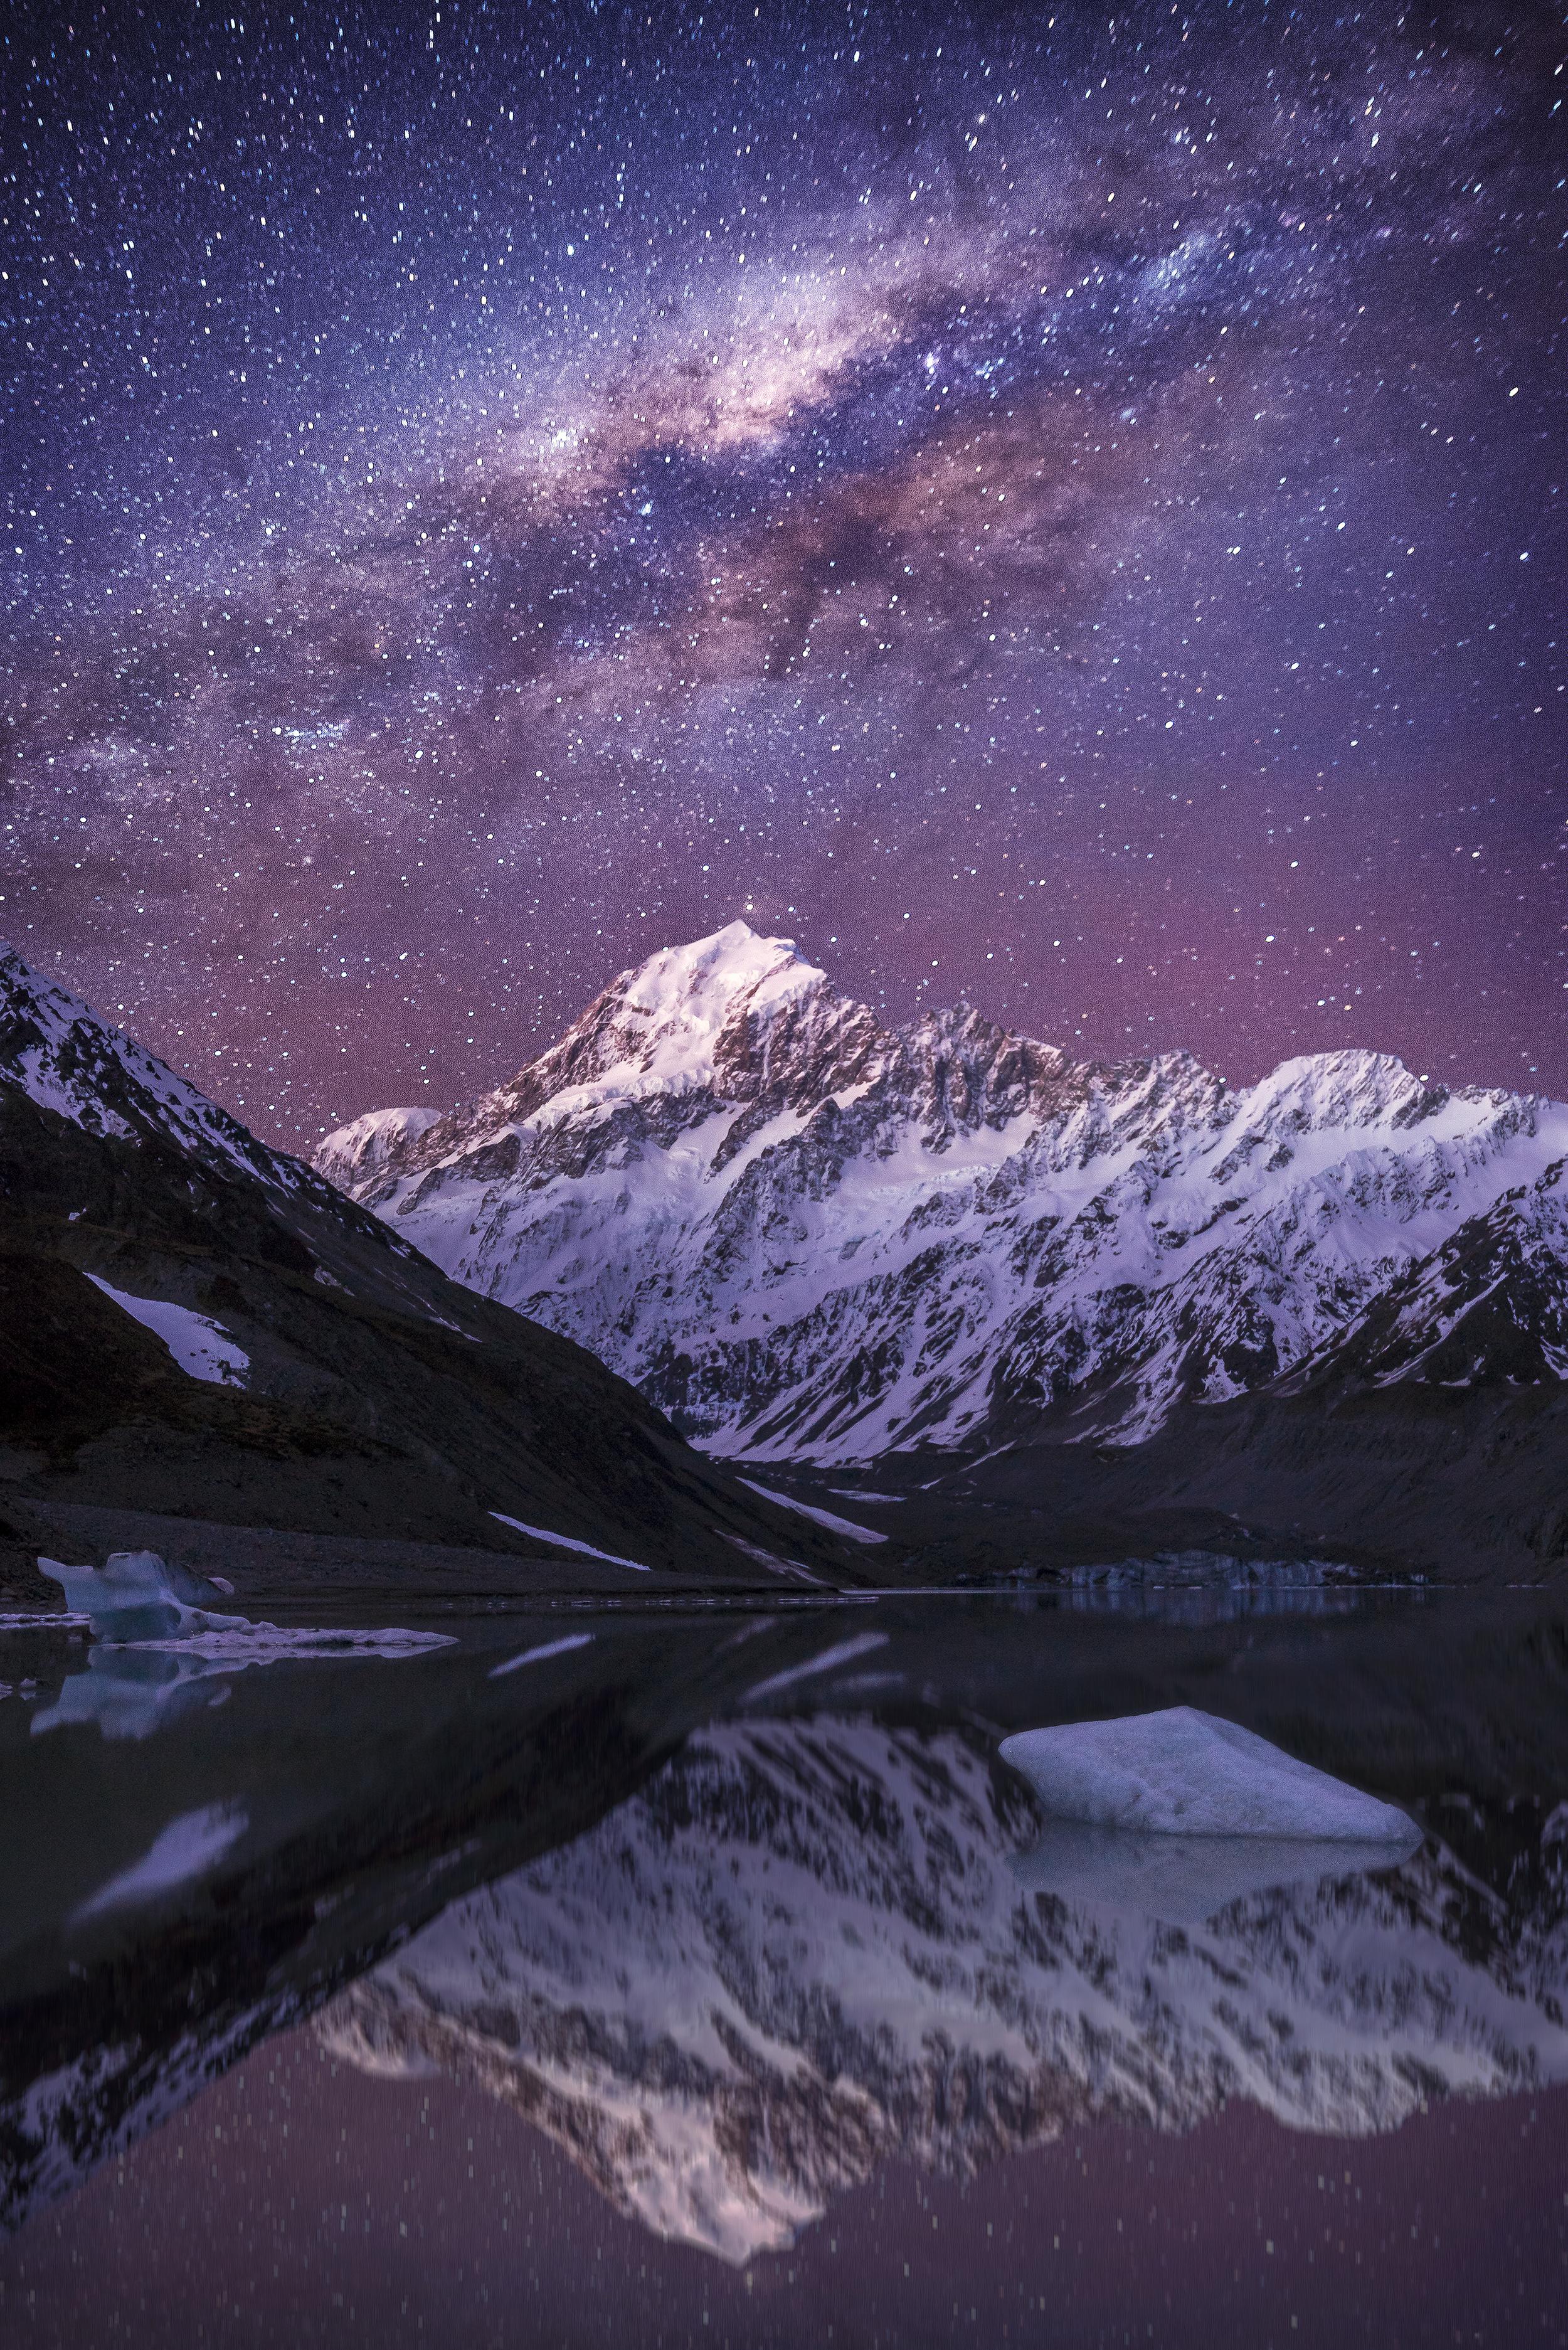 Aoraki / Mount Cook #2, New Zealand